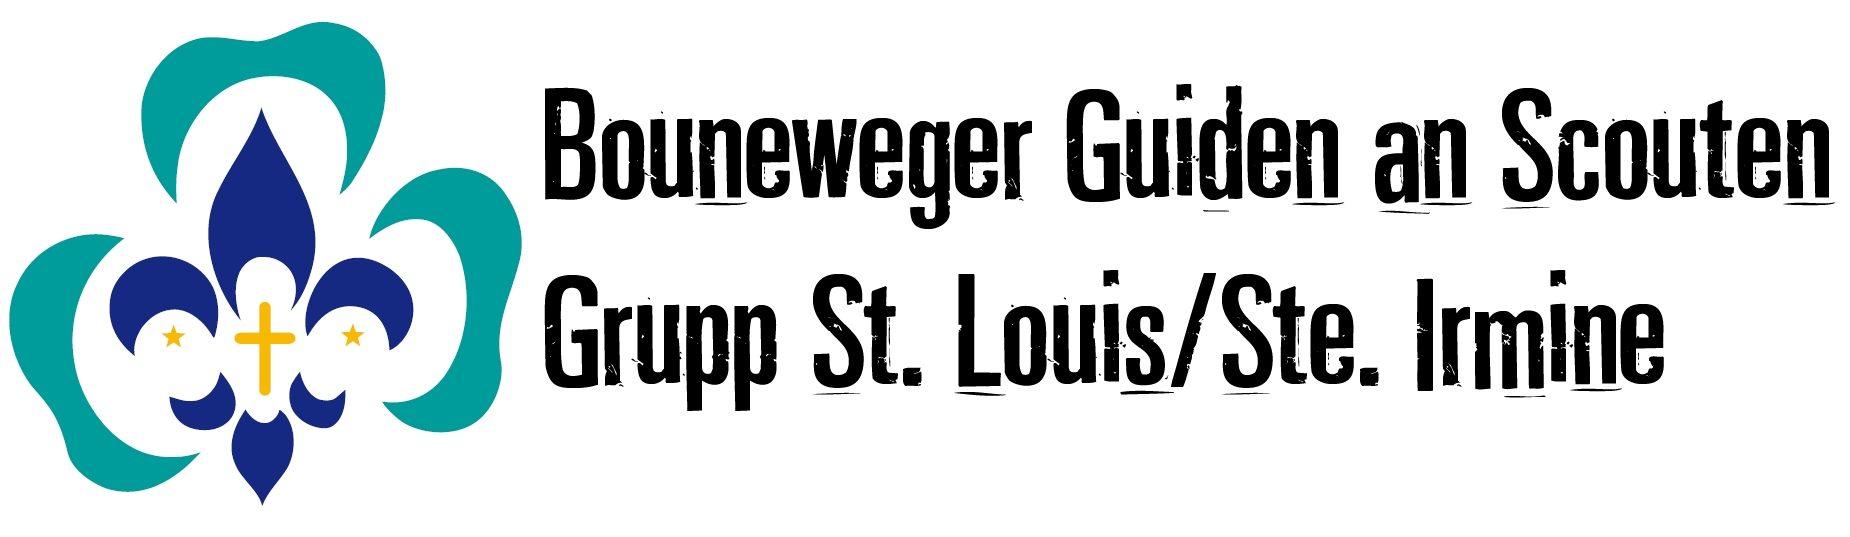 Guiden a Scouten Bouneweg